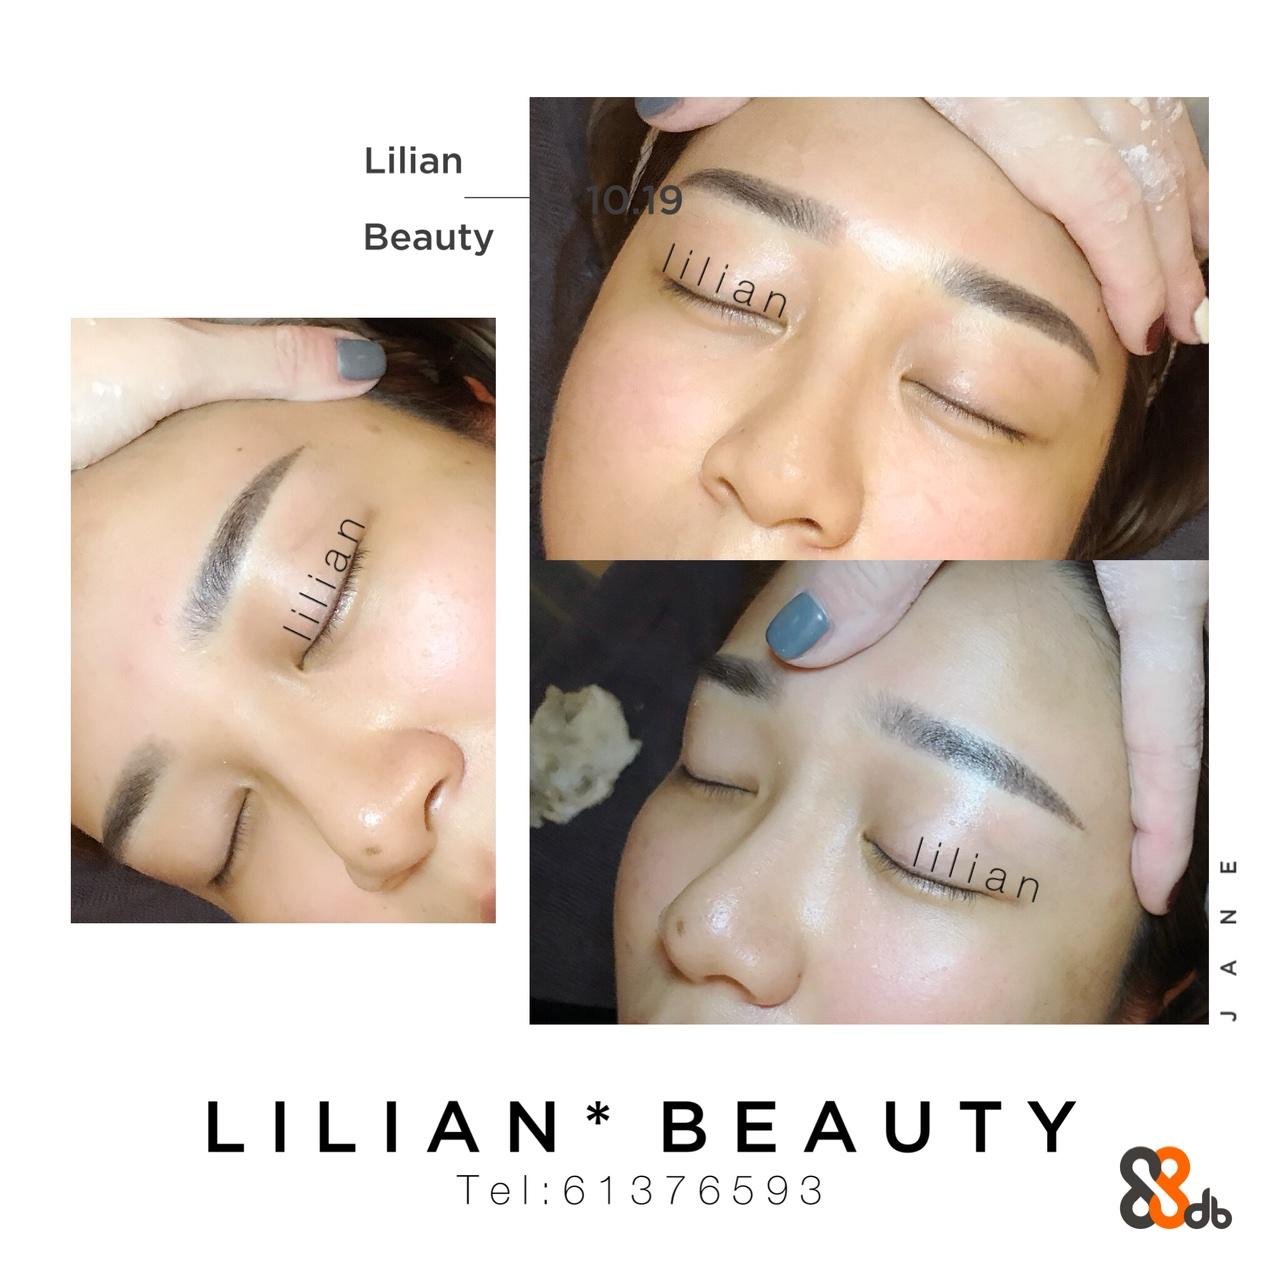 Lilian 9 Beauty LILIAN* BEAU TY Tel:61 37659 3  eyebrow,face,skin,nose,cheek